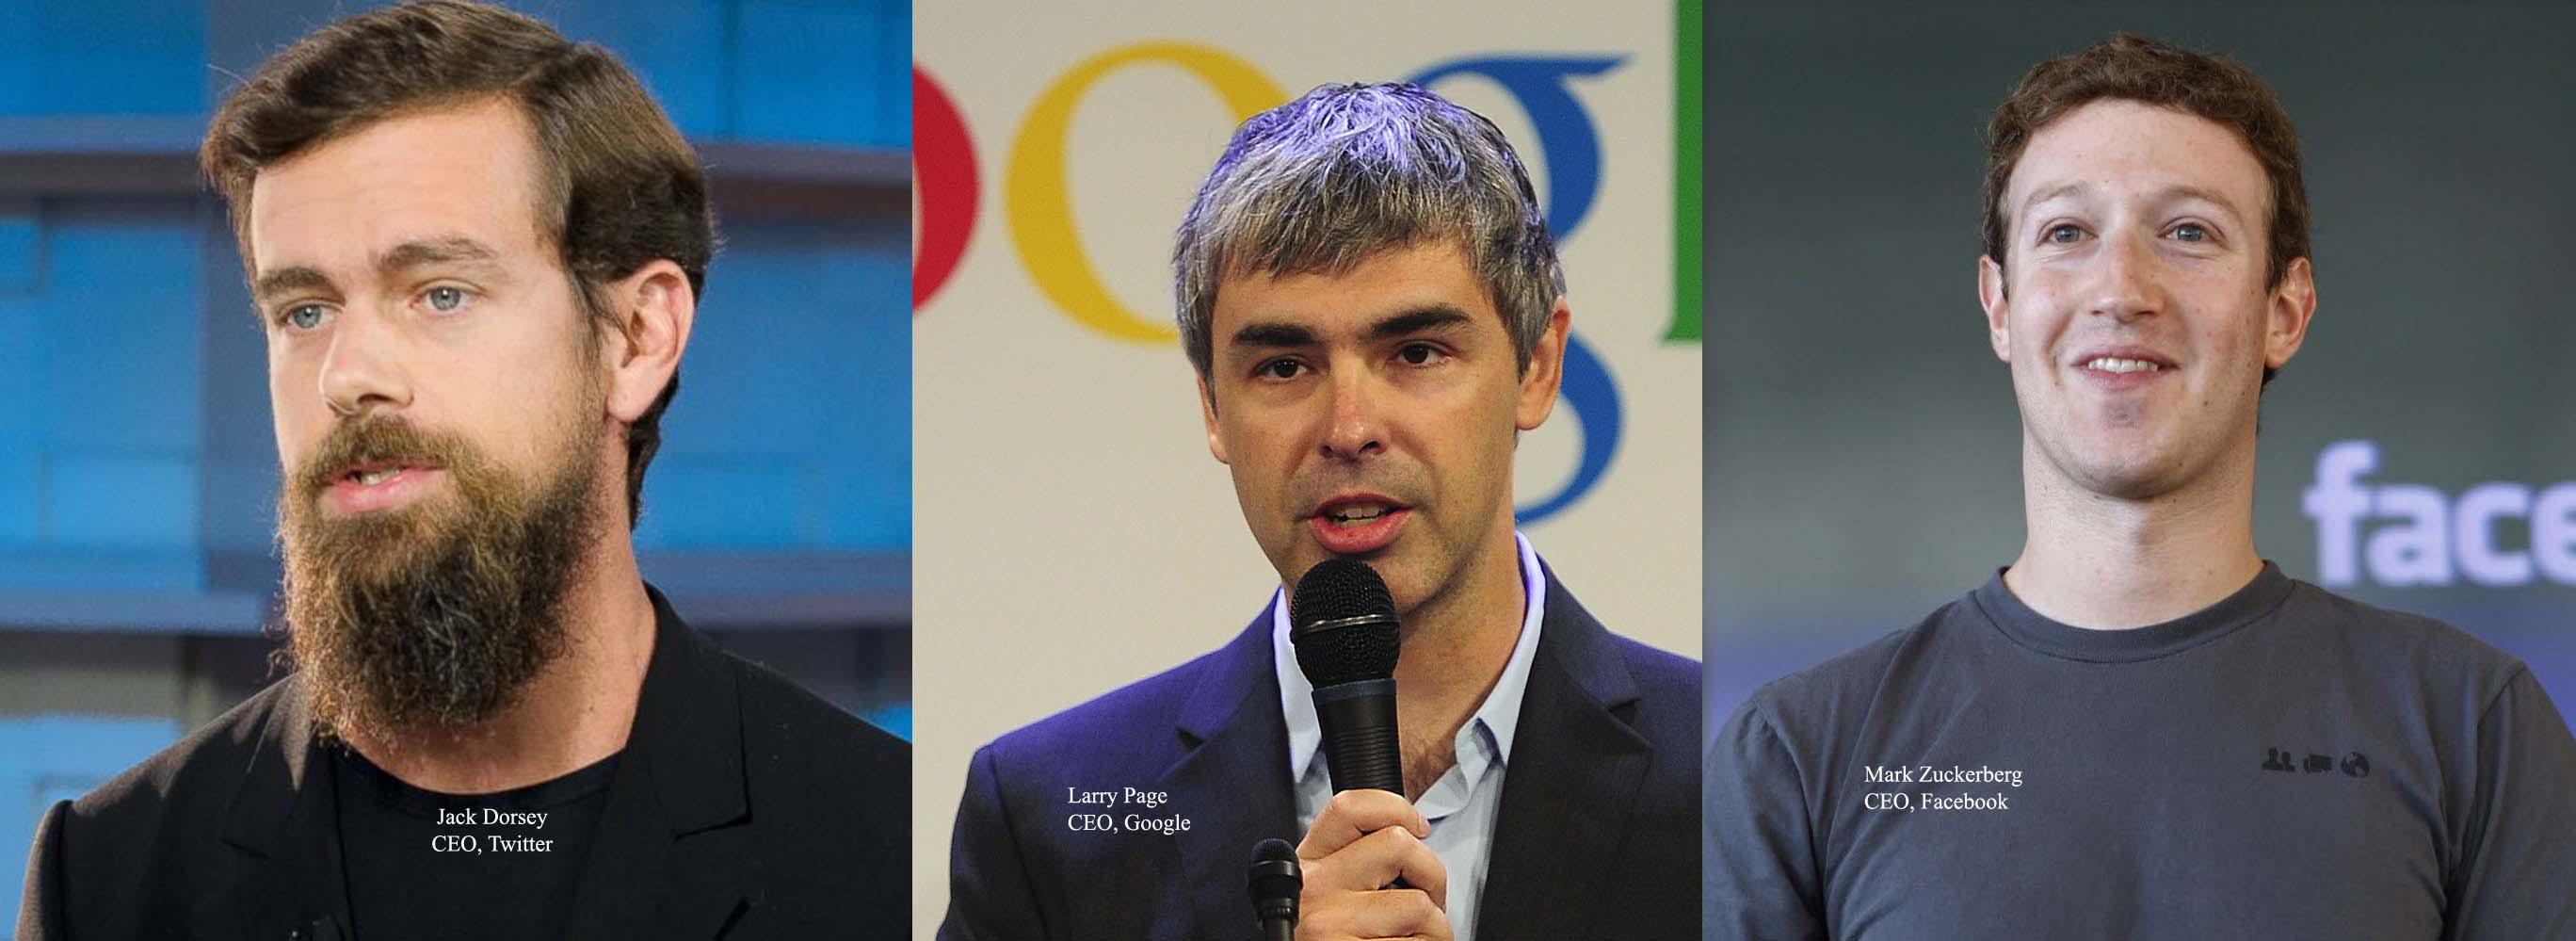 Dorsey Page CEOs